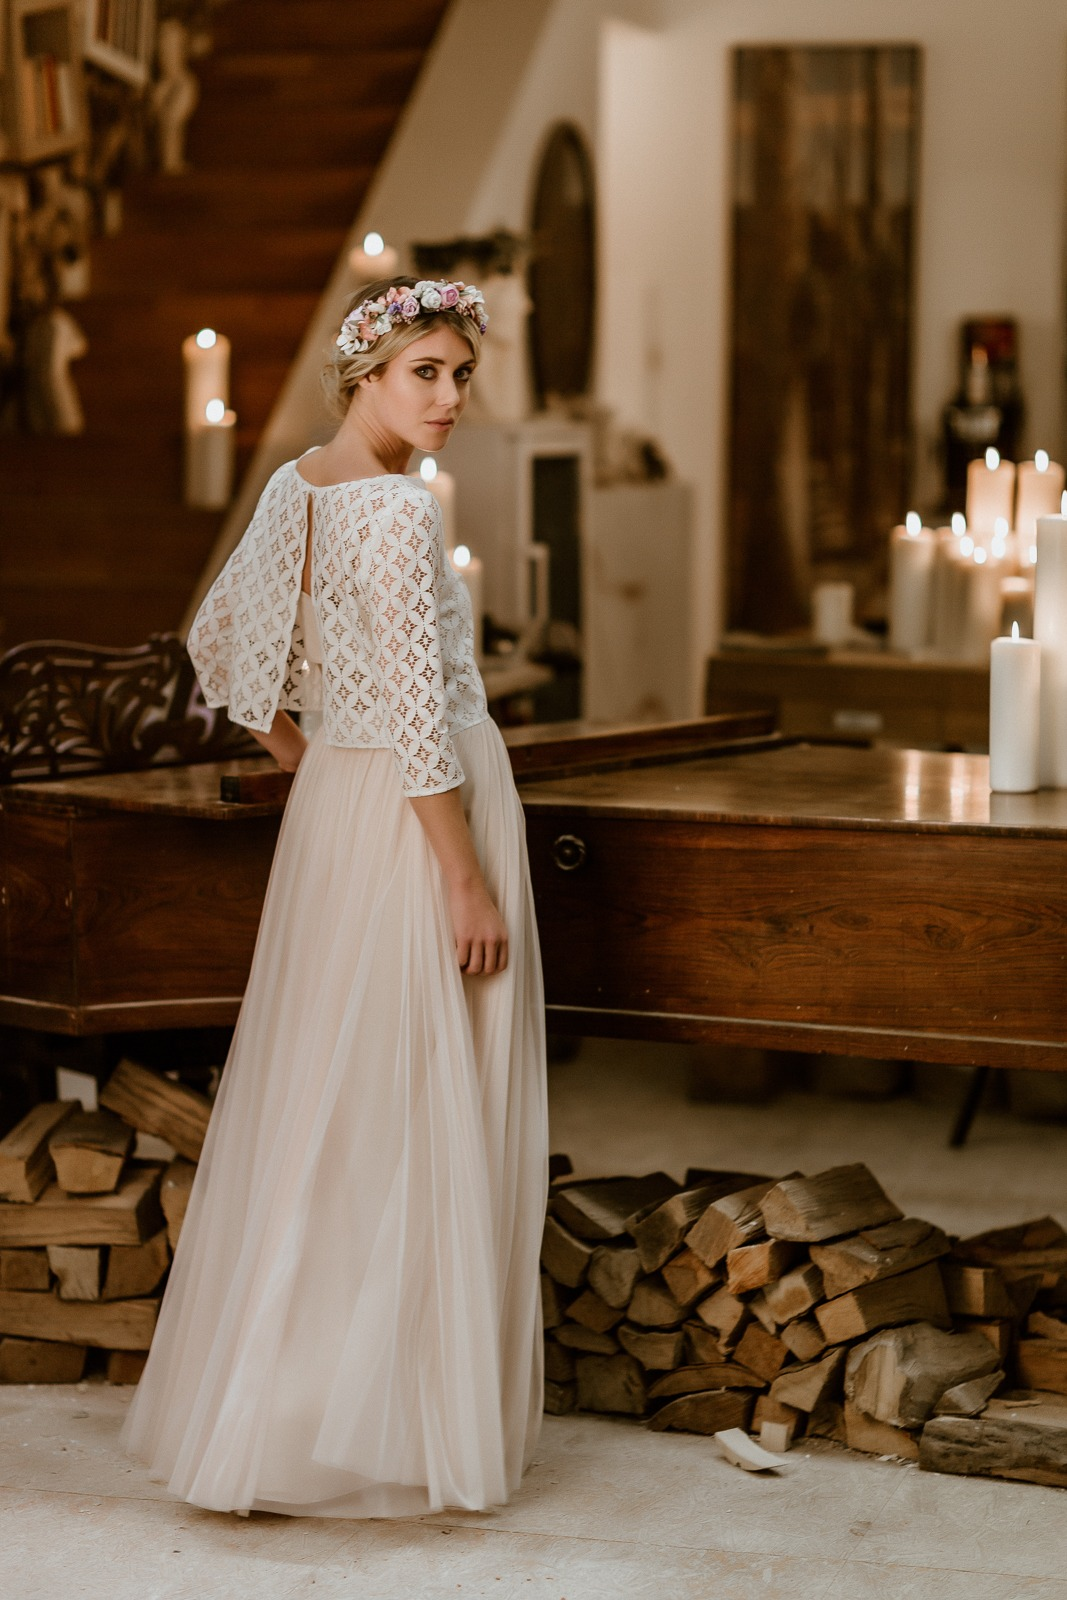 langes Brautkleid mit Tüllrock in Puderrosa und Spitzentop, Ganzkörper-/Rückenansicht